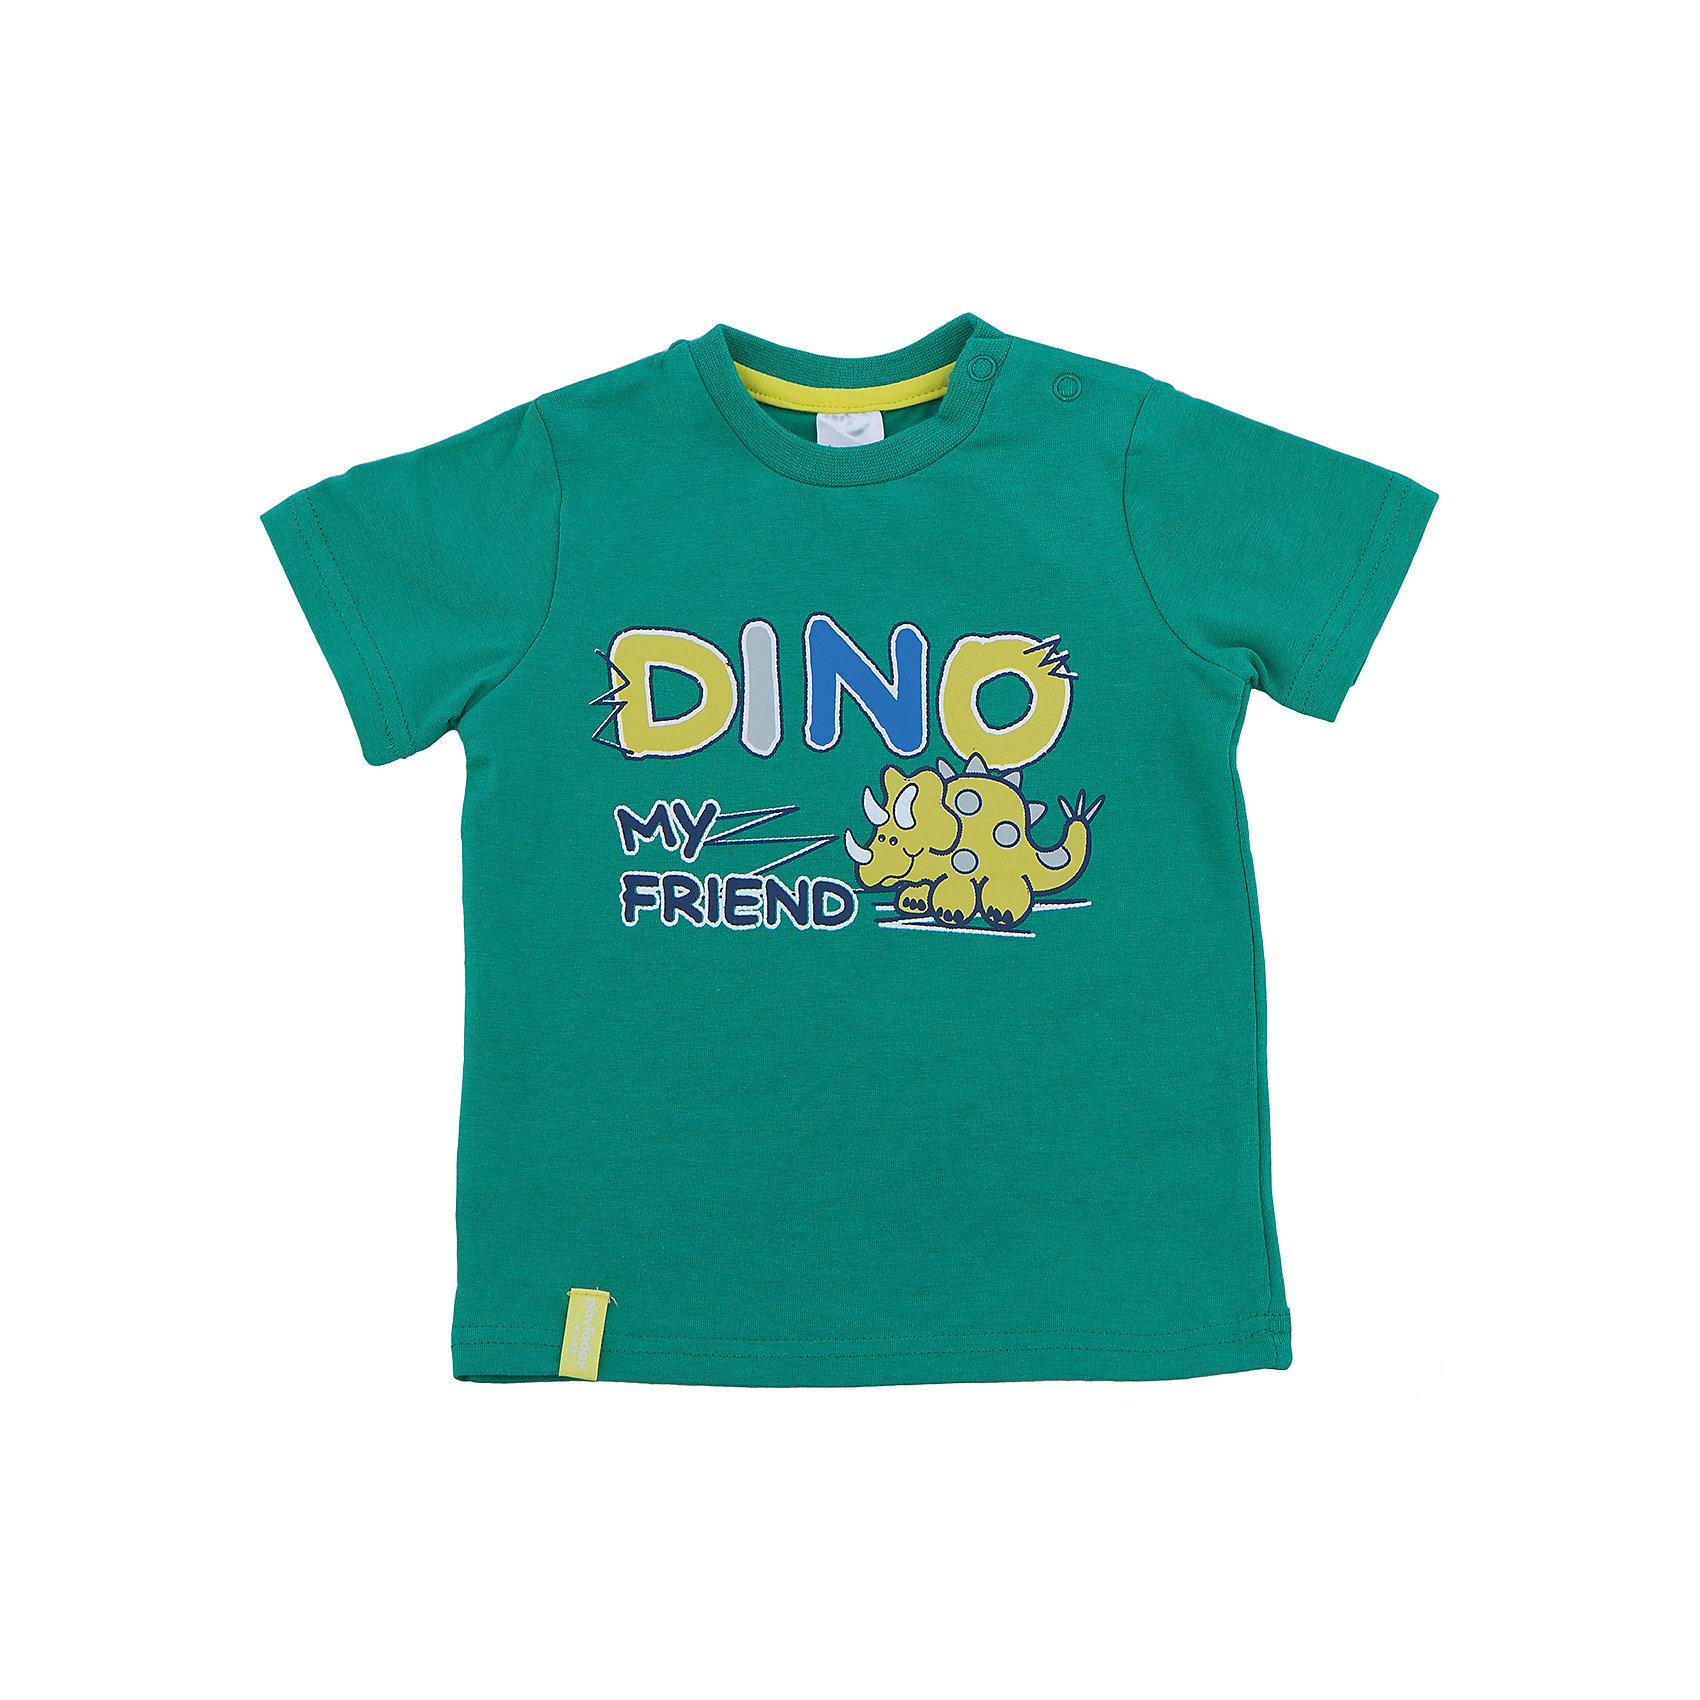 Футболка для мальчика PlayTodayФутболки, топы<br>Футболка для мальчика от известного бренда PlayToday.<br>Яркая хлопковая футболка с короткими рукавами. Украшена принтом с забавным динозавриком. Застегивается на кнопки на плече, чтобы ее удобно было надевать и снимать.<br>Состав:<br>95% хлопок, 5% эластан<br><br>Ширина мм: 157<br>Глубина мм: 13<br>Высота мм: 119<br>Вес г: 200<br>Цвет: зеленый<br>Возраст от месяцев: 6<br>Возраст до месяцев: 9<br>Пол: Мужской<br>Возраст: Детский<br>Размер: 74,86,92,80<br>SKU: 4900418